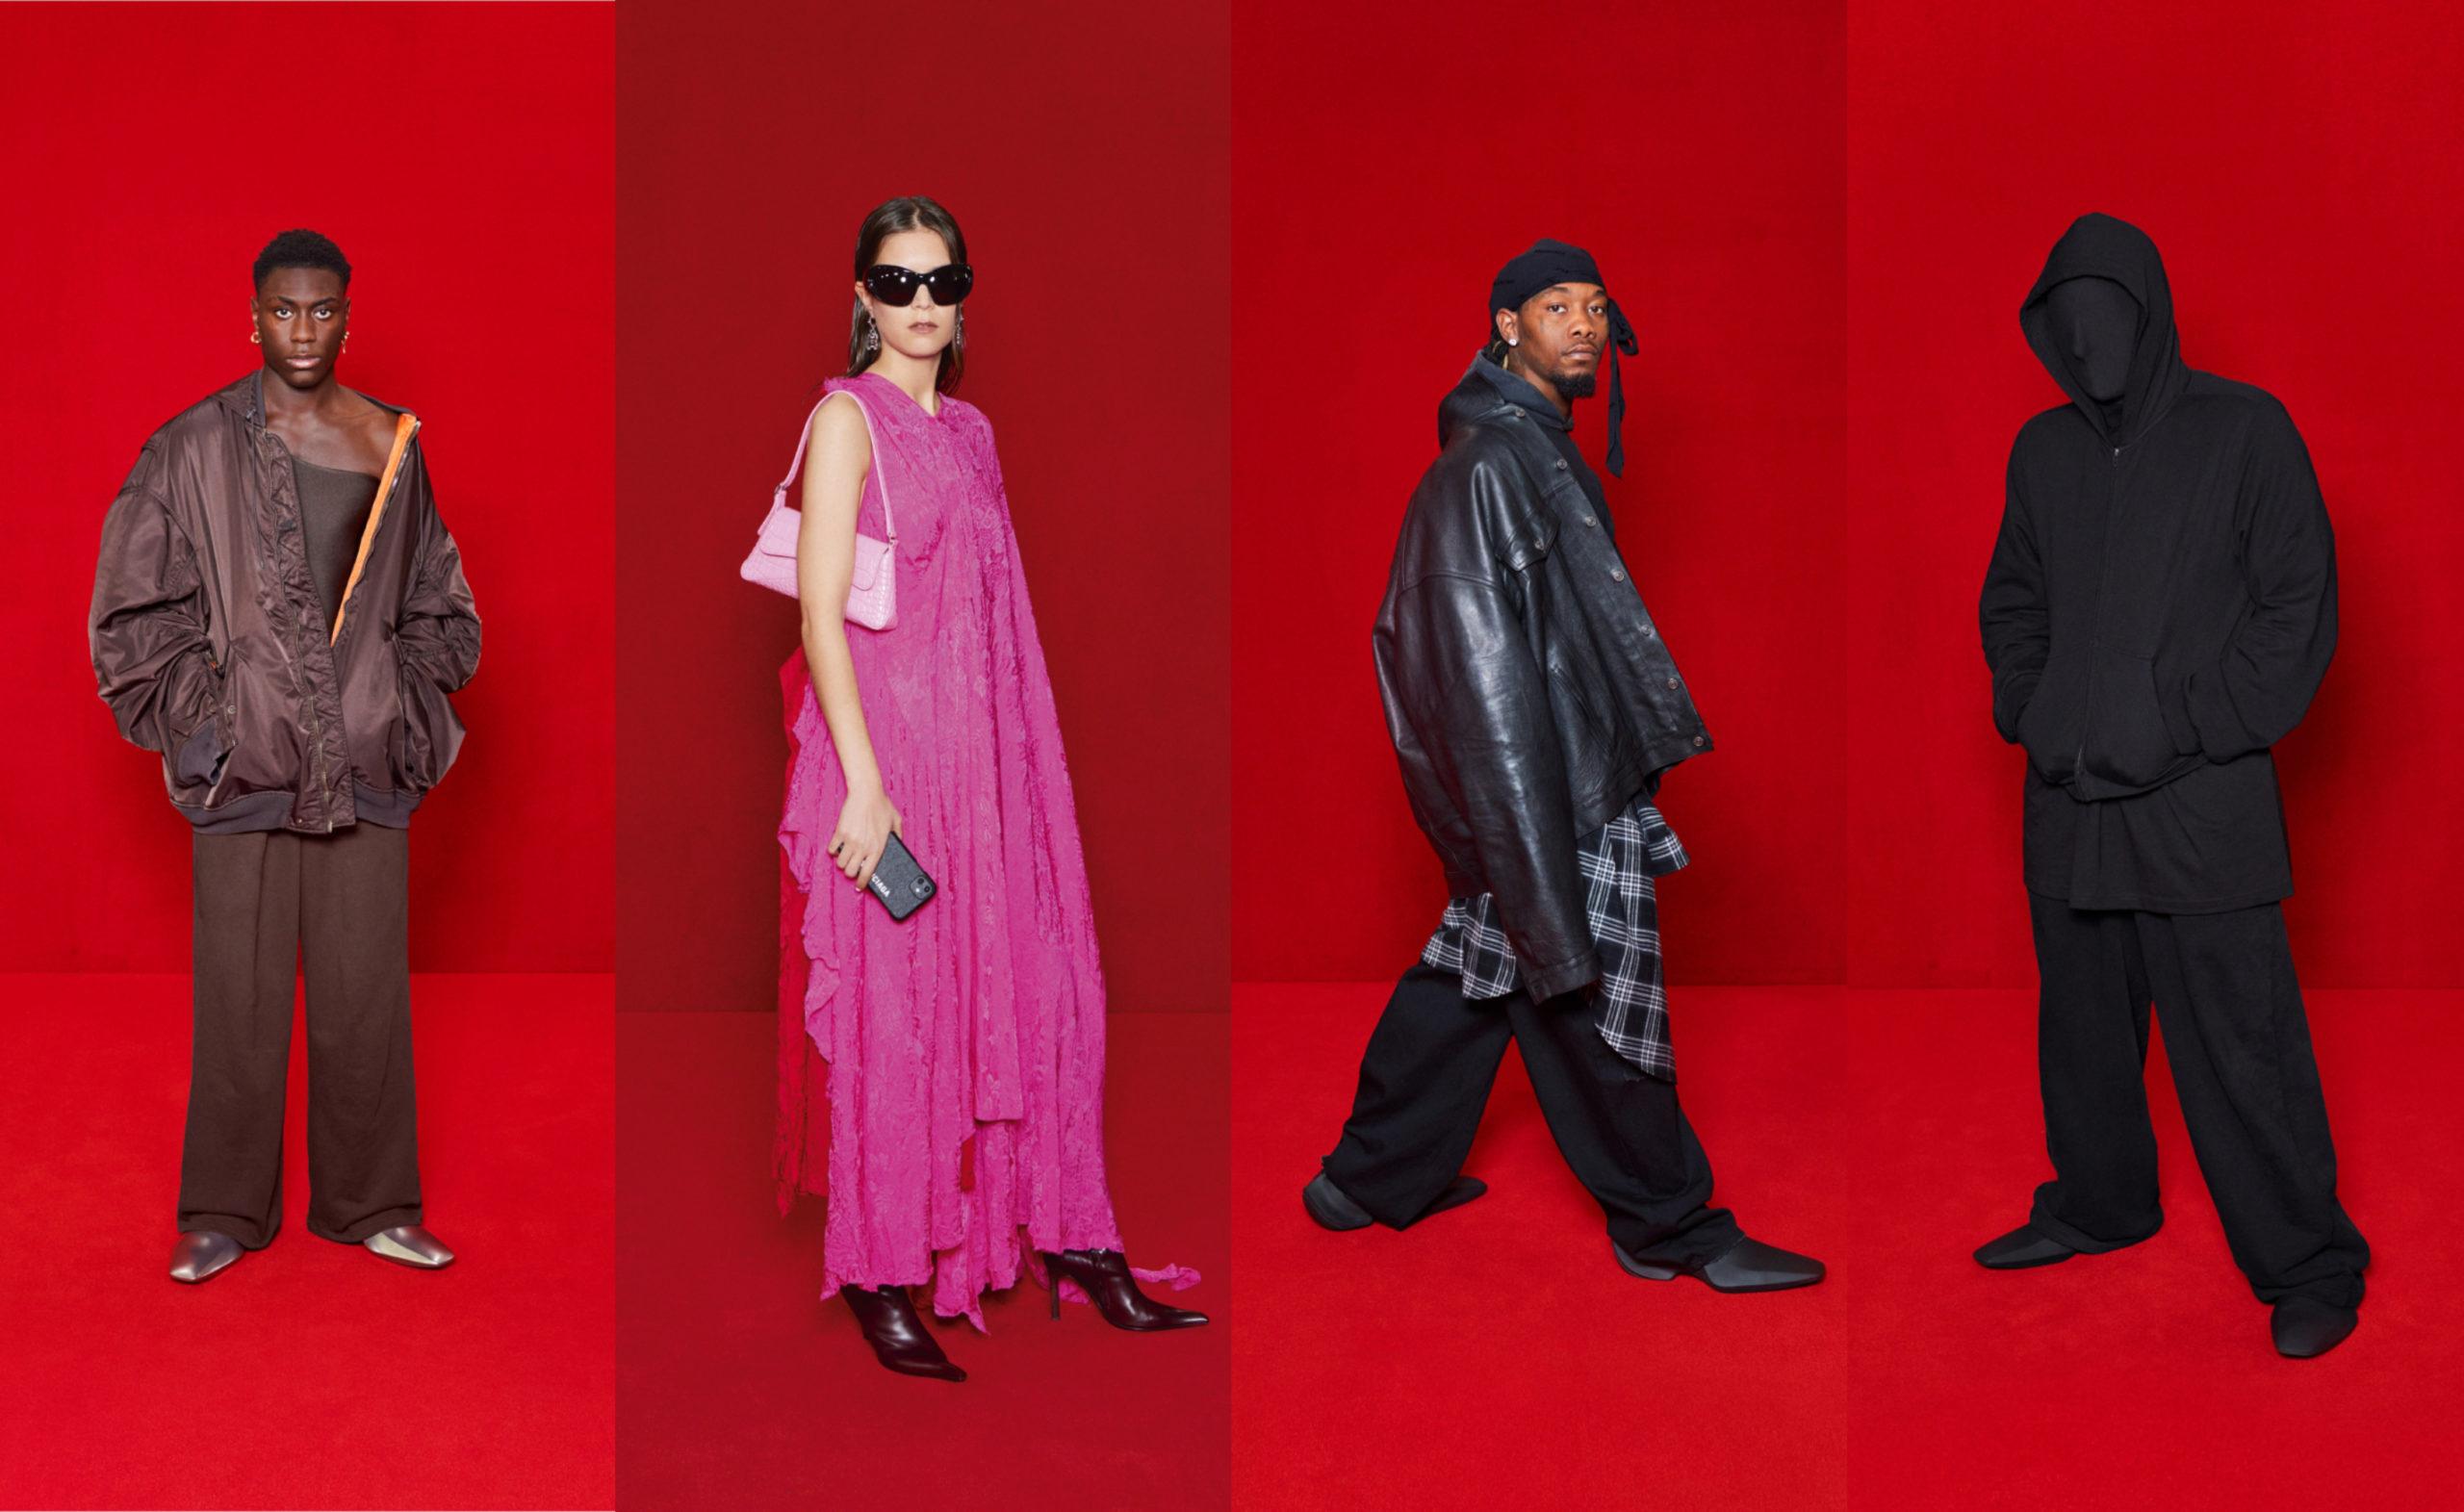 PFW: Balenciaga Spring/Summer 2022 Collection